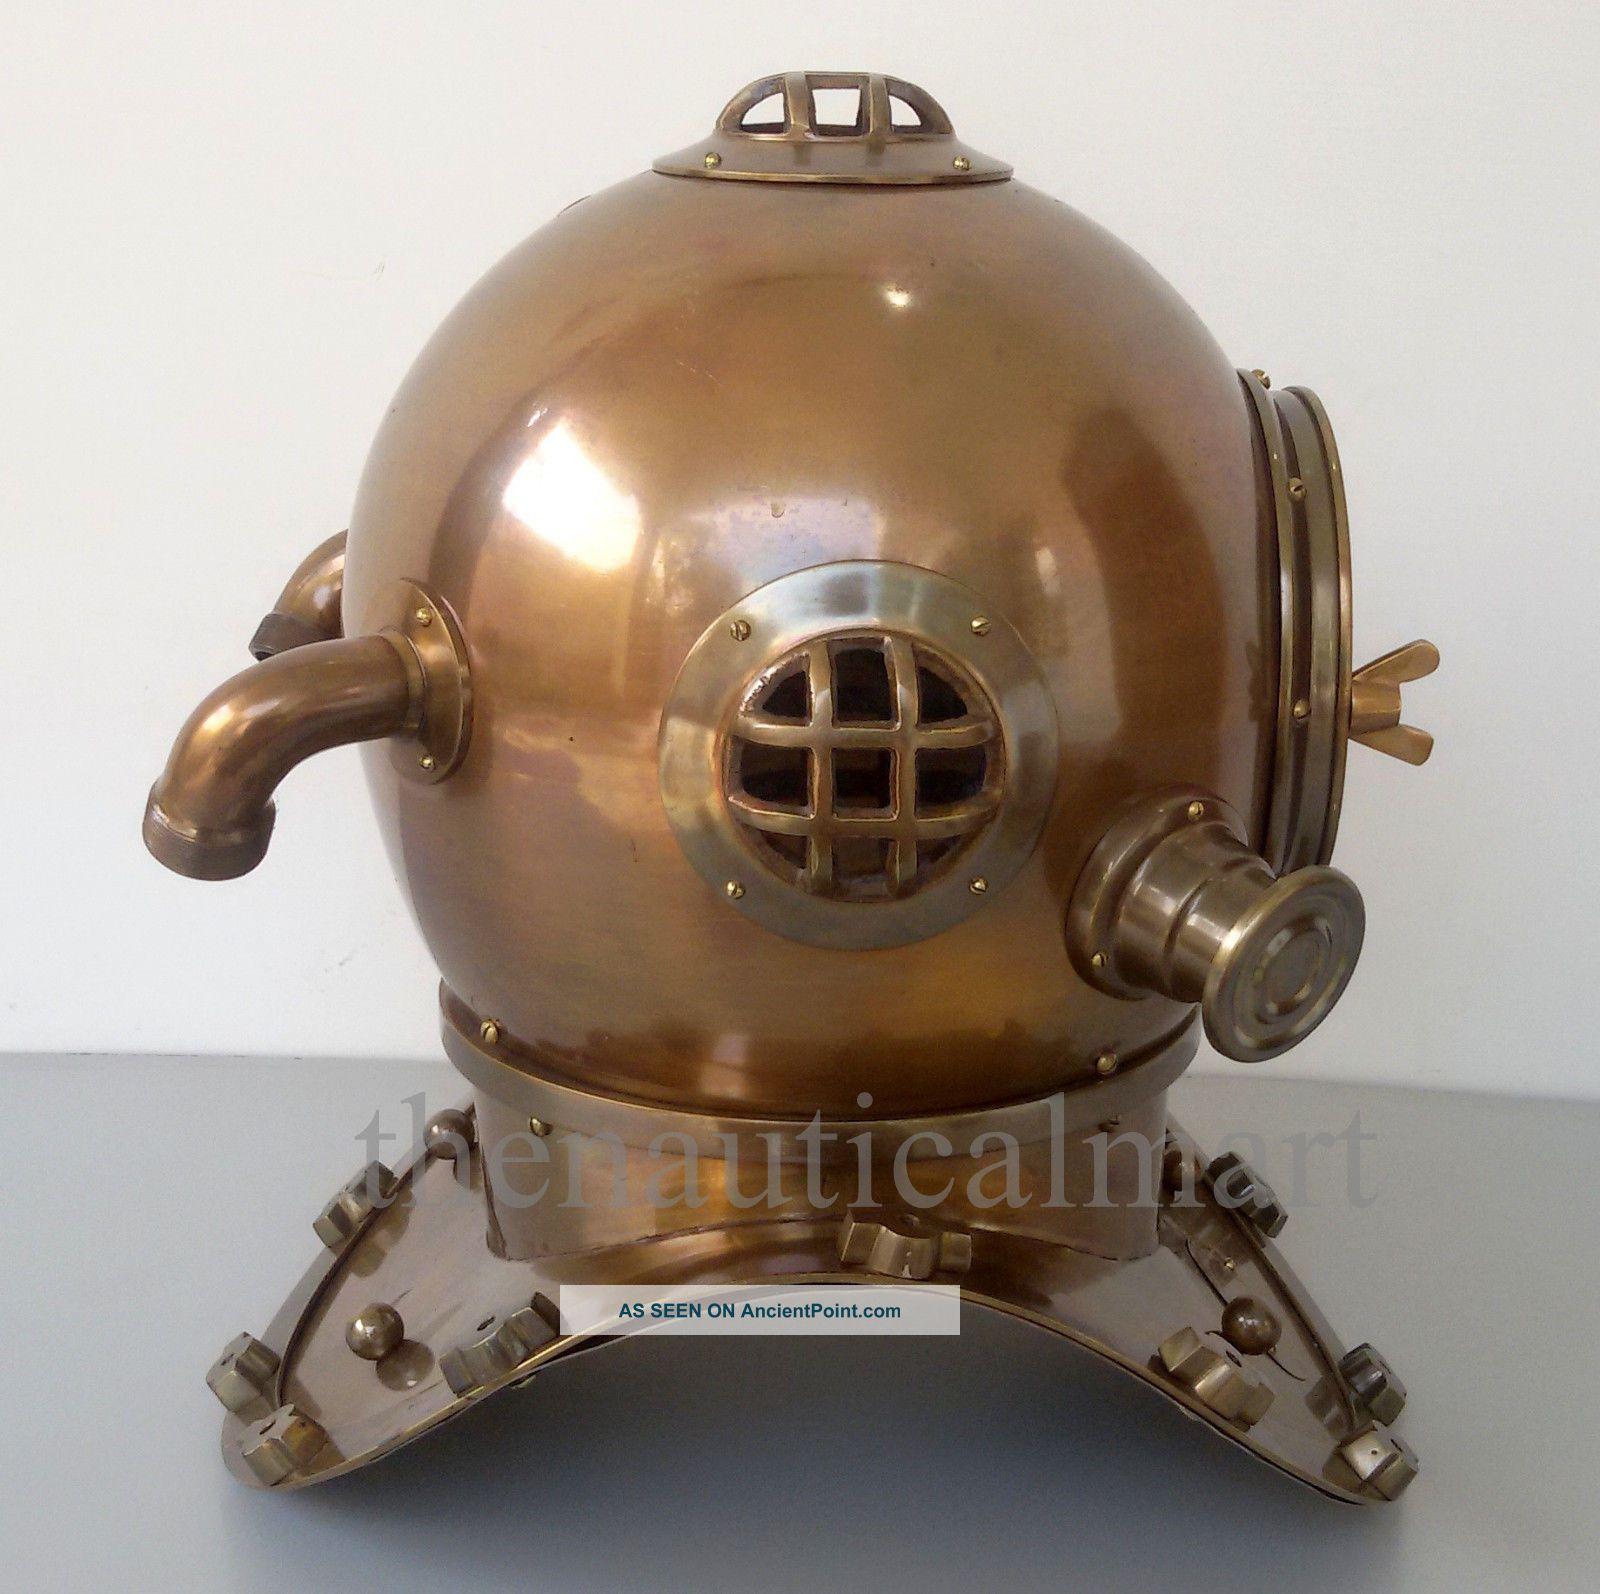 Vintage Antique Diving Divers Helmet Solid Steel U.  S Navy Mark V Full Size 18